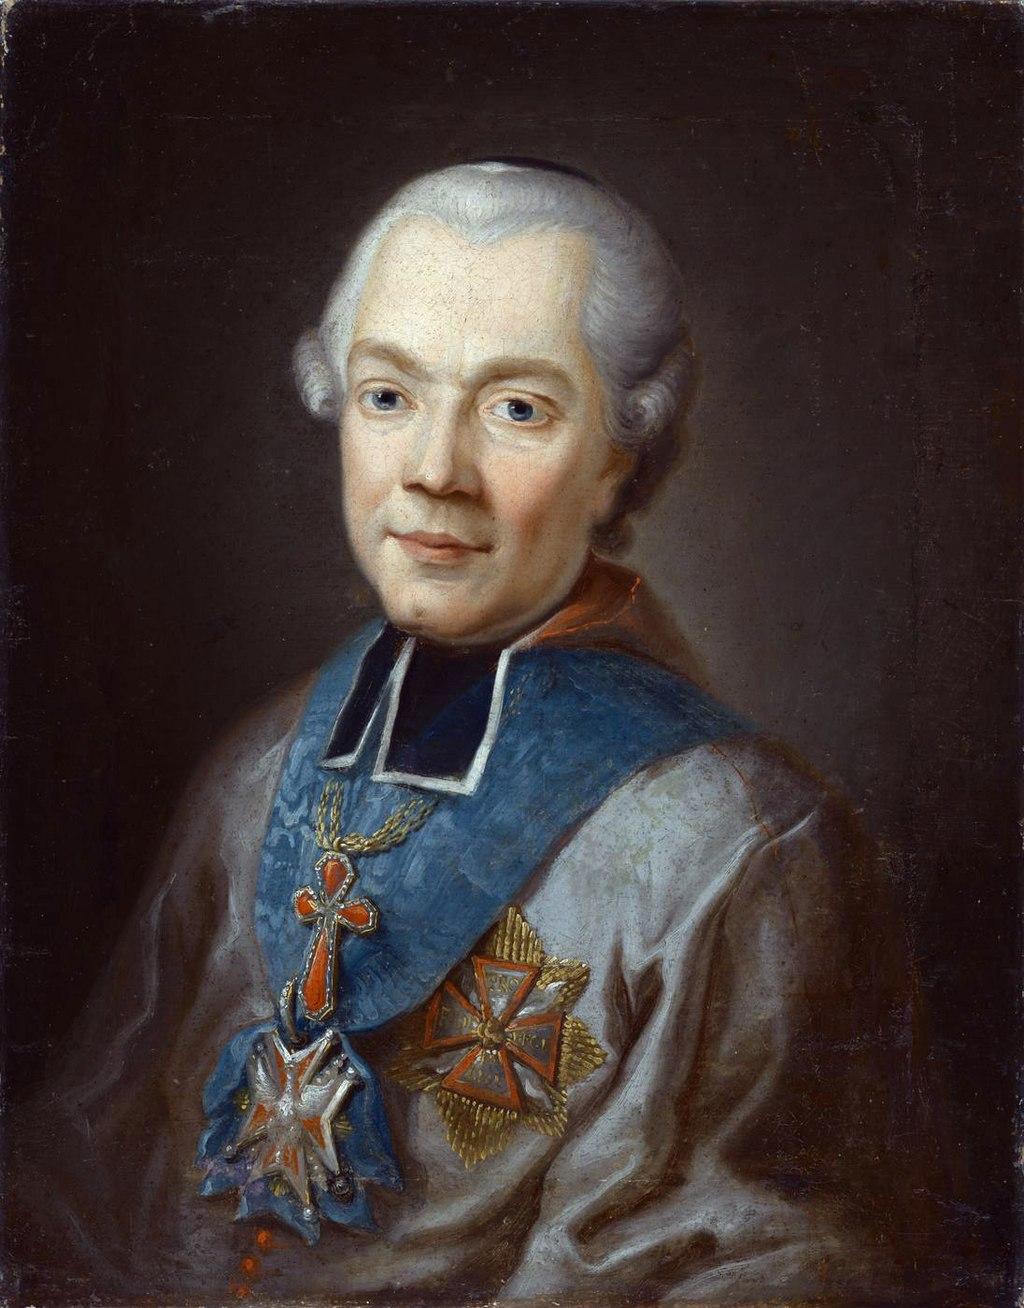 Ignoto Jokūbo Masalskio paveikslas. Dailininkas F. Smuglevičius 1785-86   Wikipedia.org nuotr.